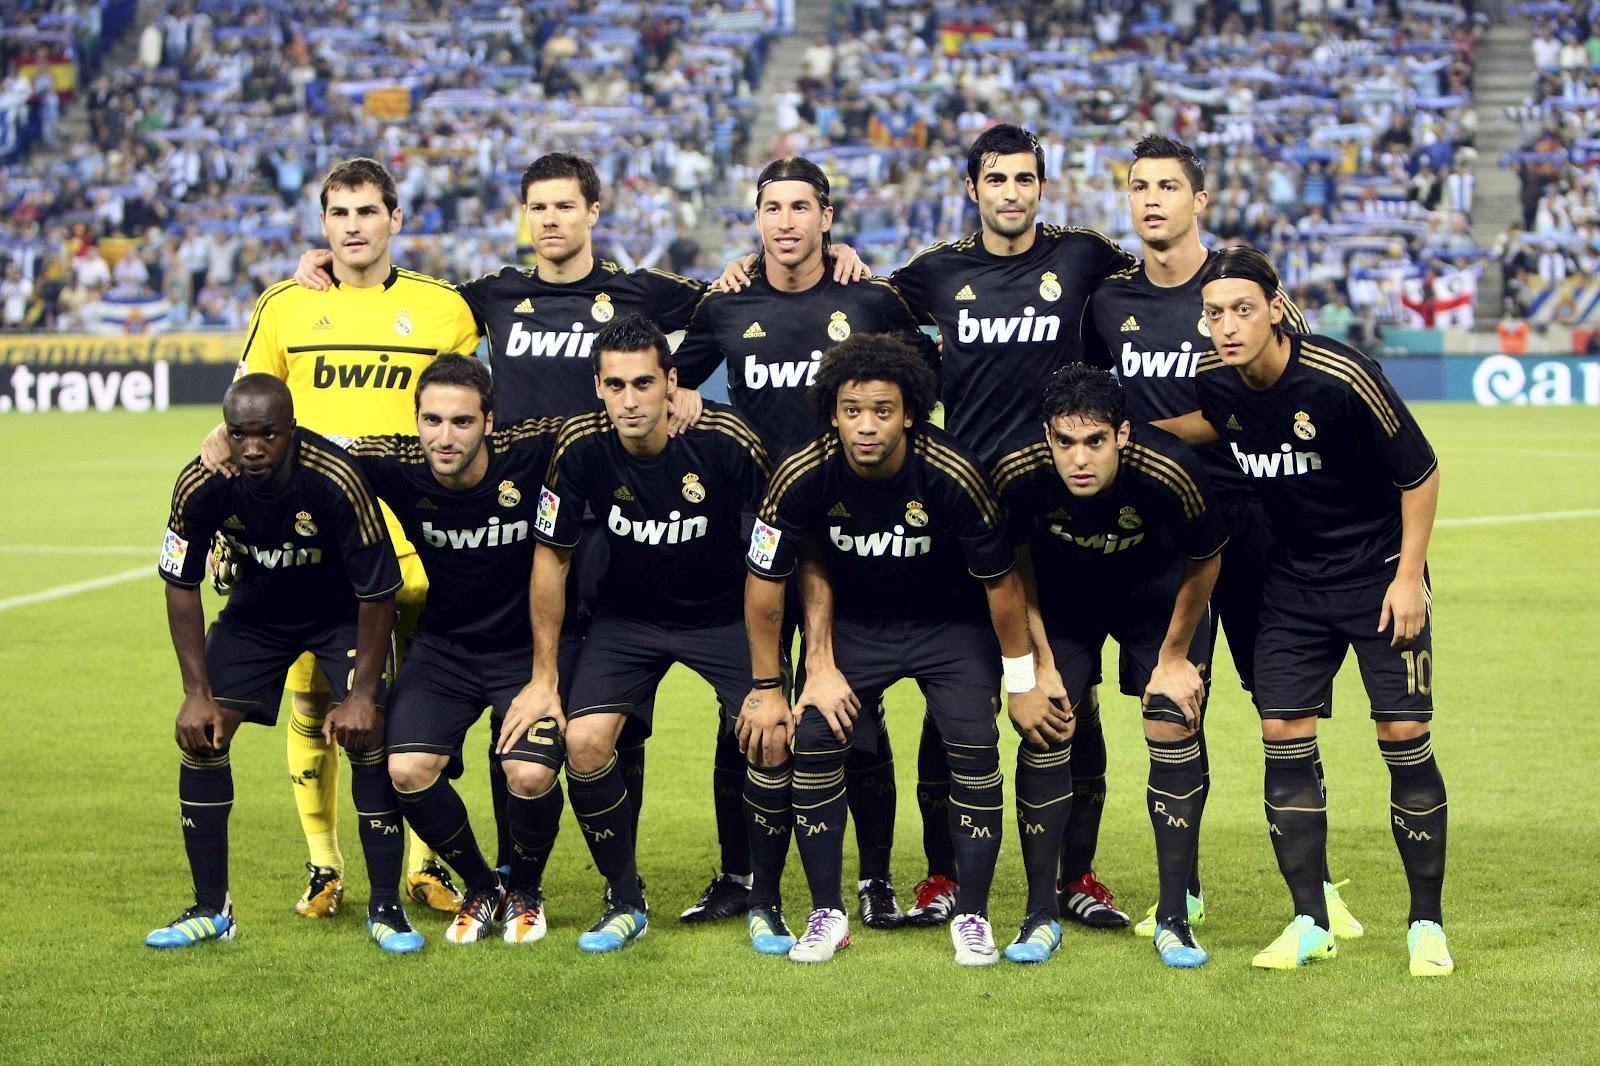 http://1.bp.blogspot.com/-SFFDSCVrr-8/UFUBnF7sjSI/AAAAAAAACF4/zAww_5AxZH4/s1600/Real+Madrid+Soccer+Wallpaper+2012-2013+14.jpg